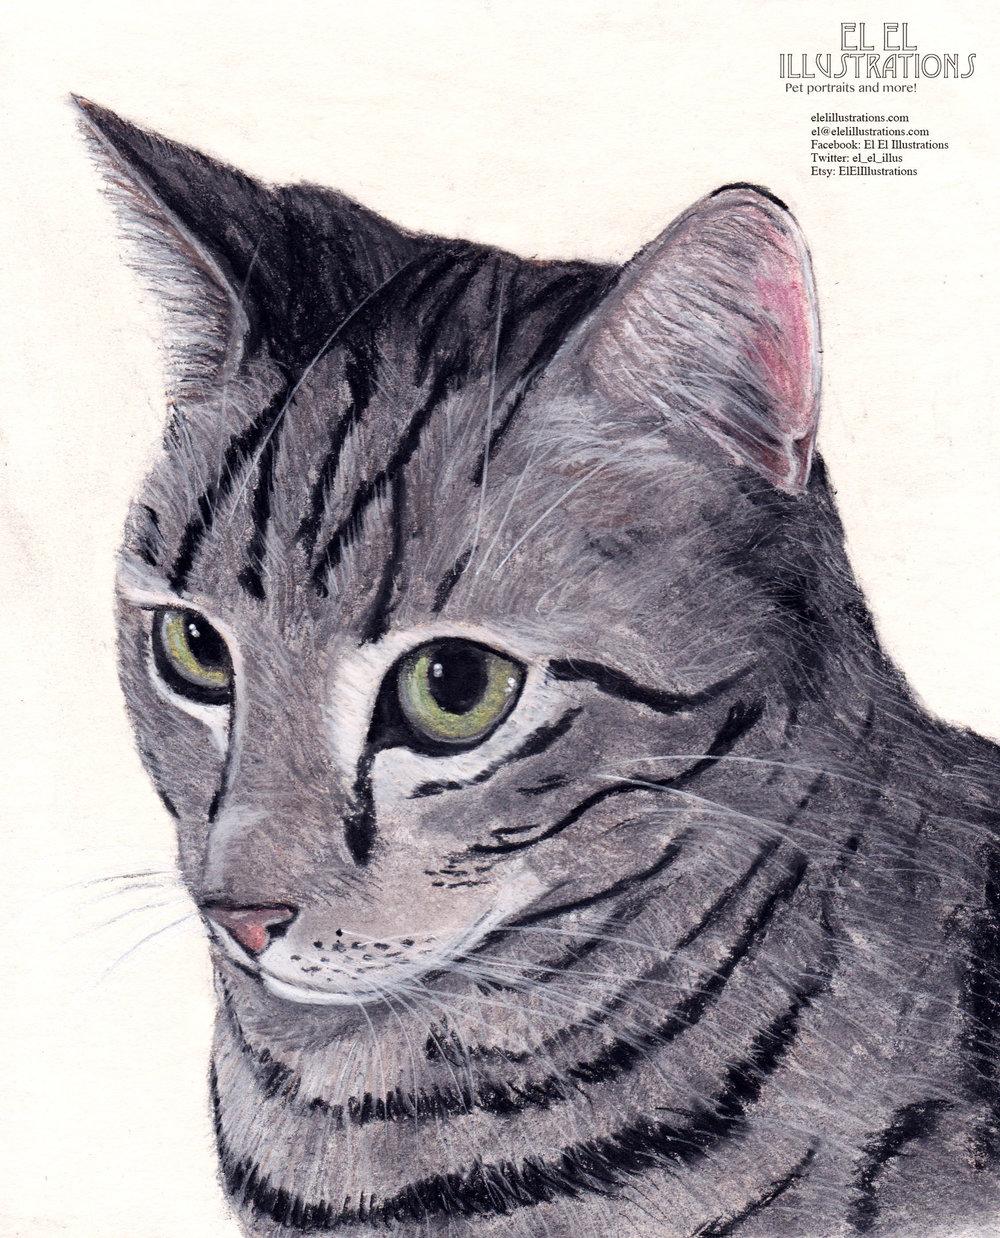 noodle_cat_wm.jpg